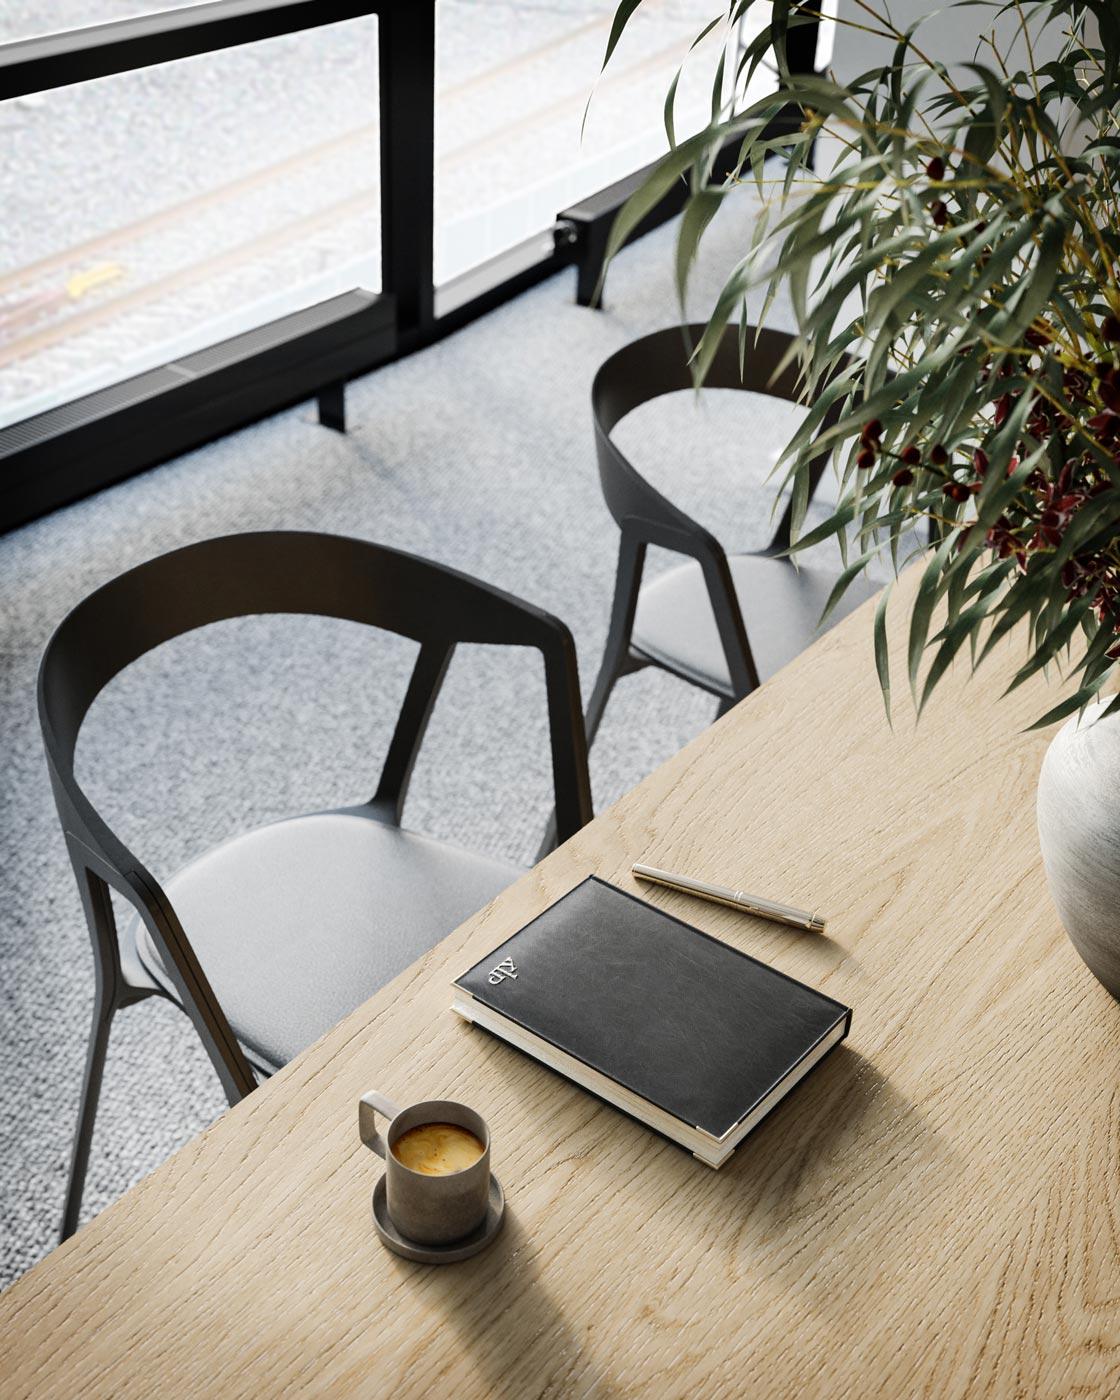 Romslige kontorplasser med gode lysforhold gjennom hele dagen.